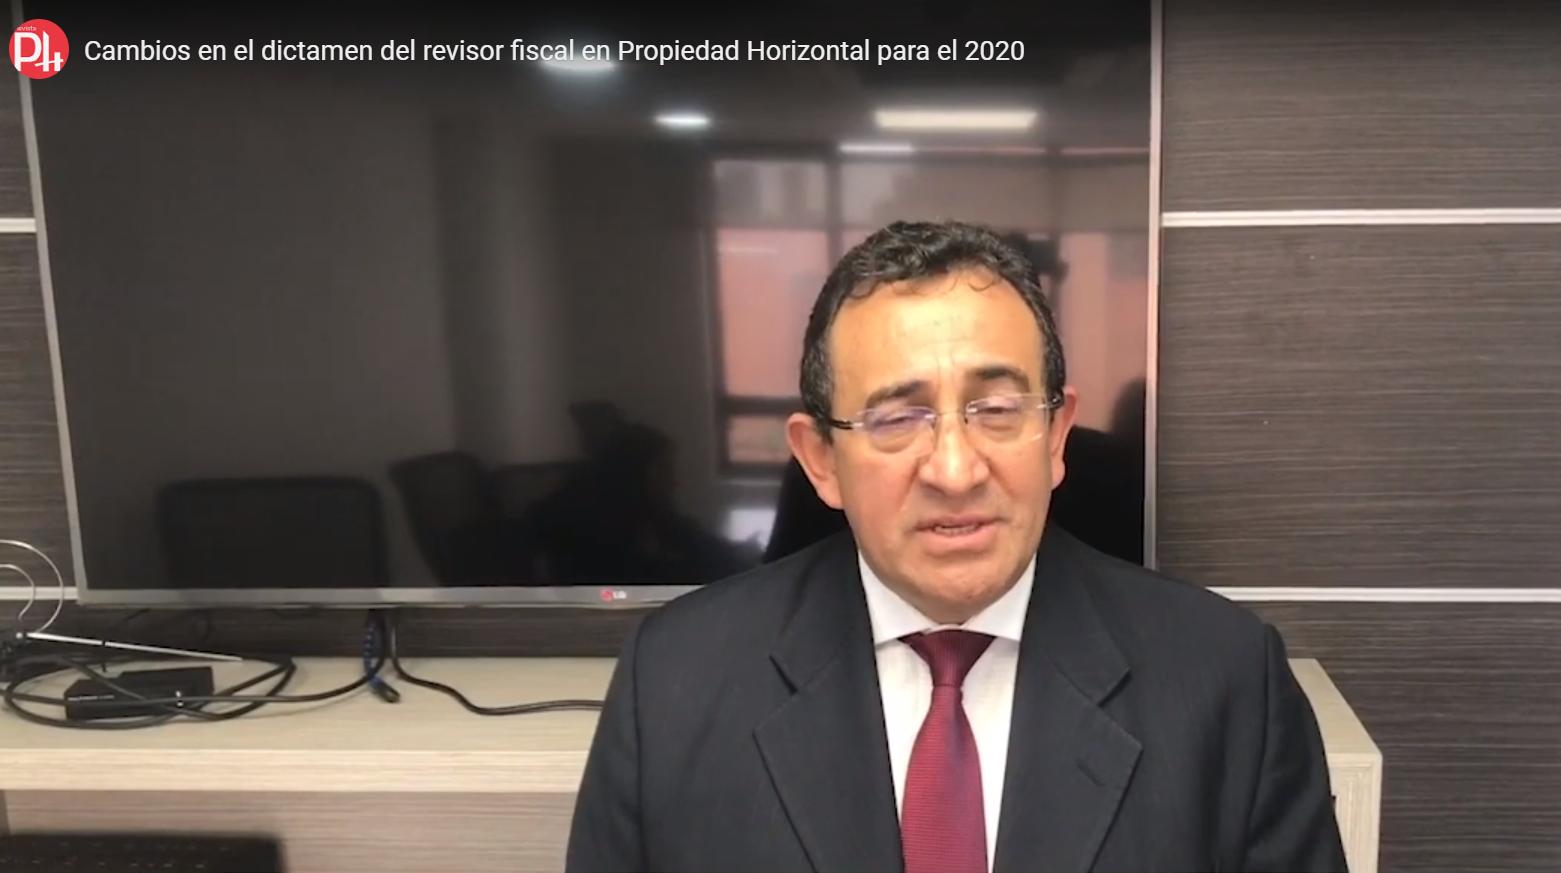 Noticias Interes Vive PH Propiedad Horizontal